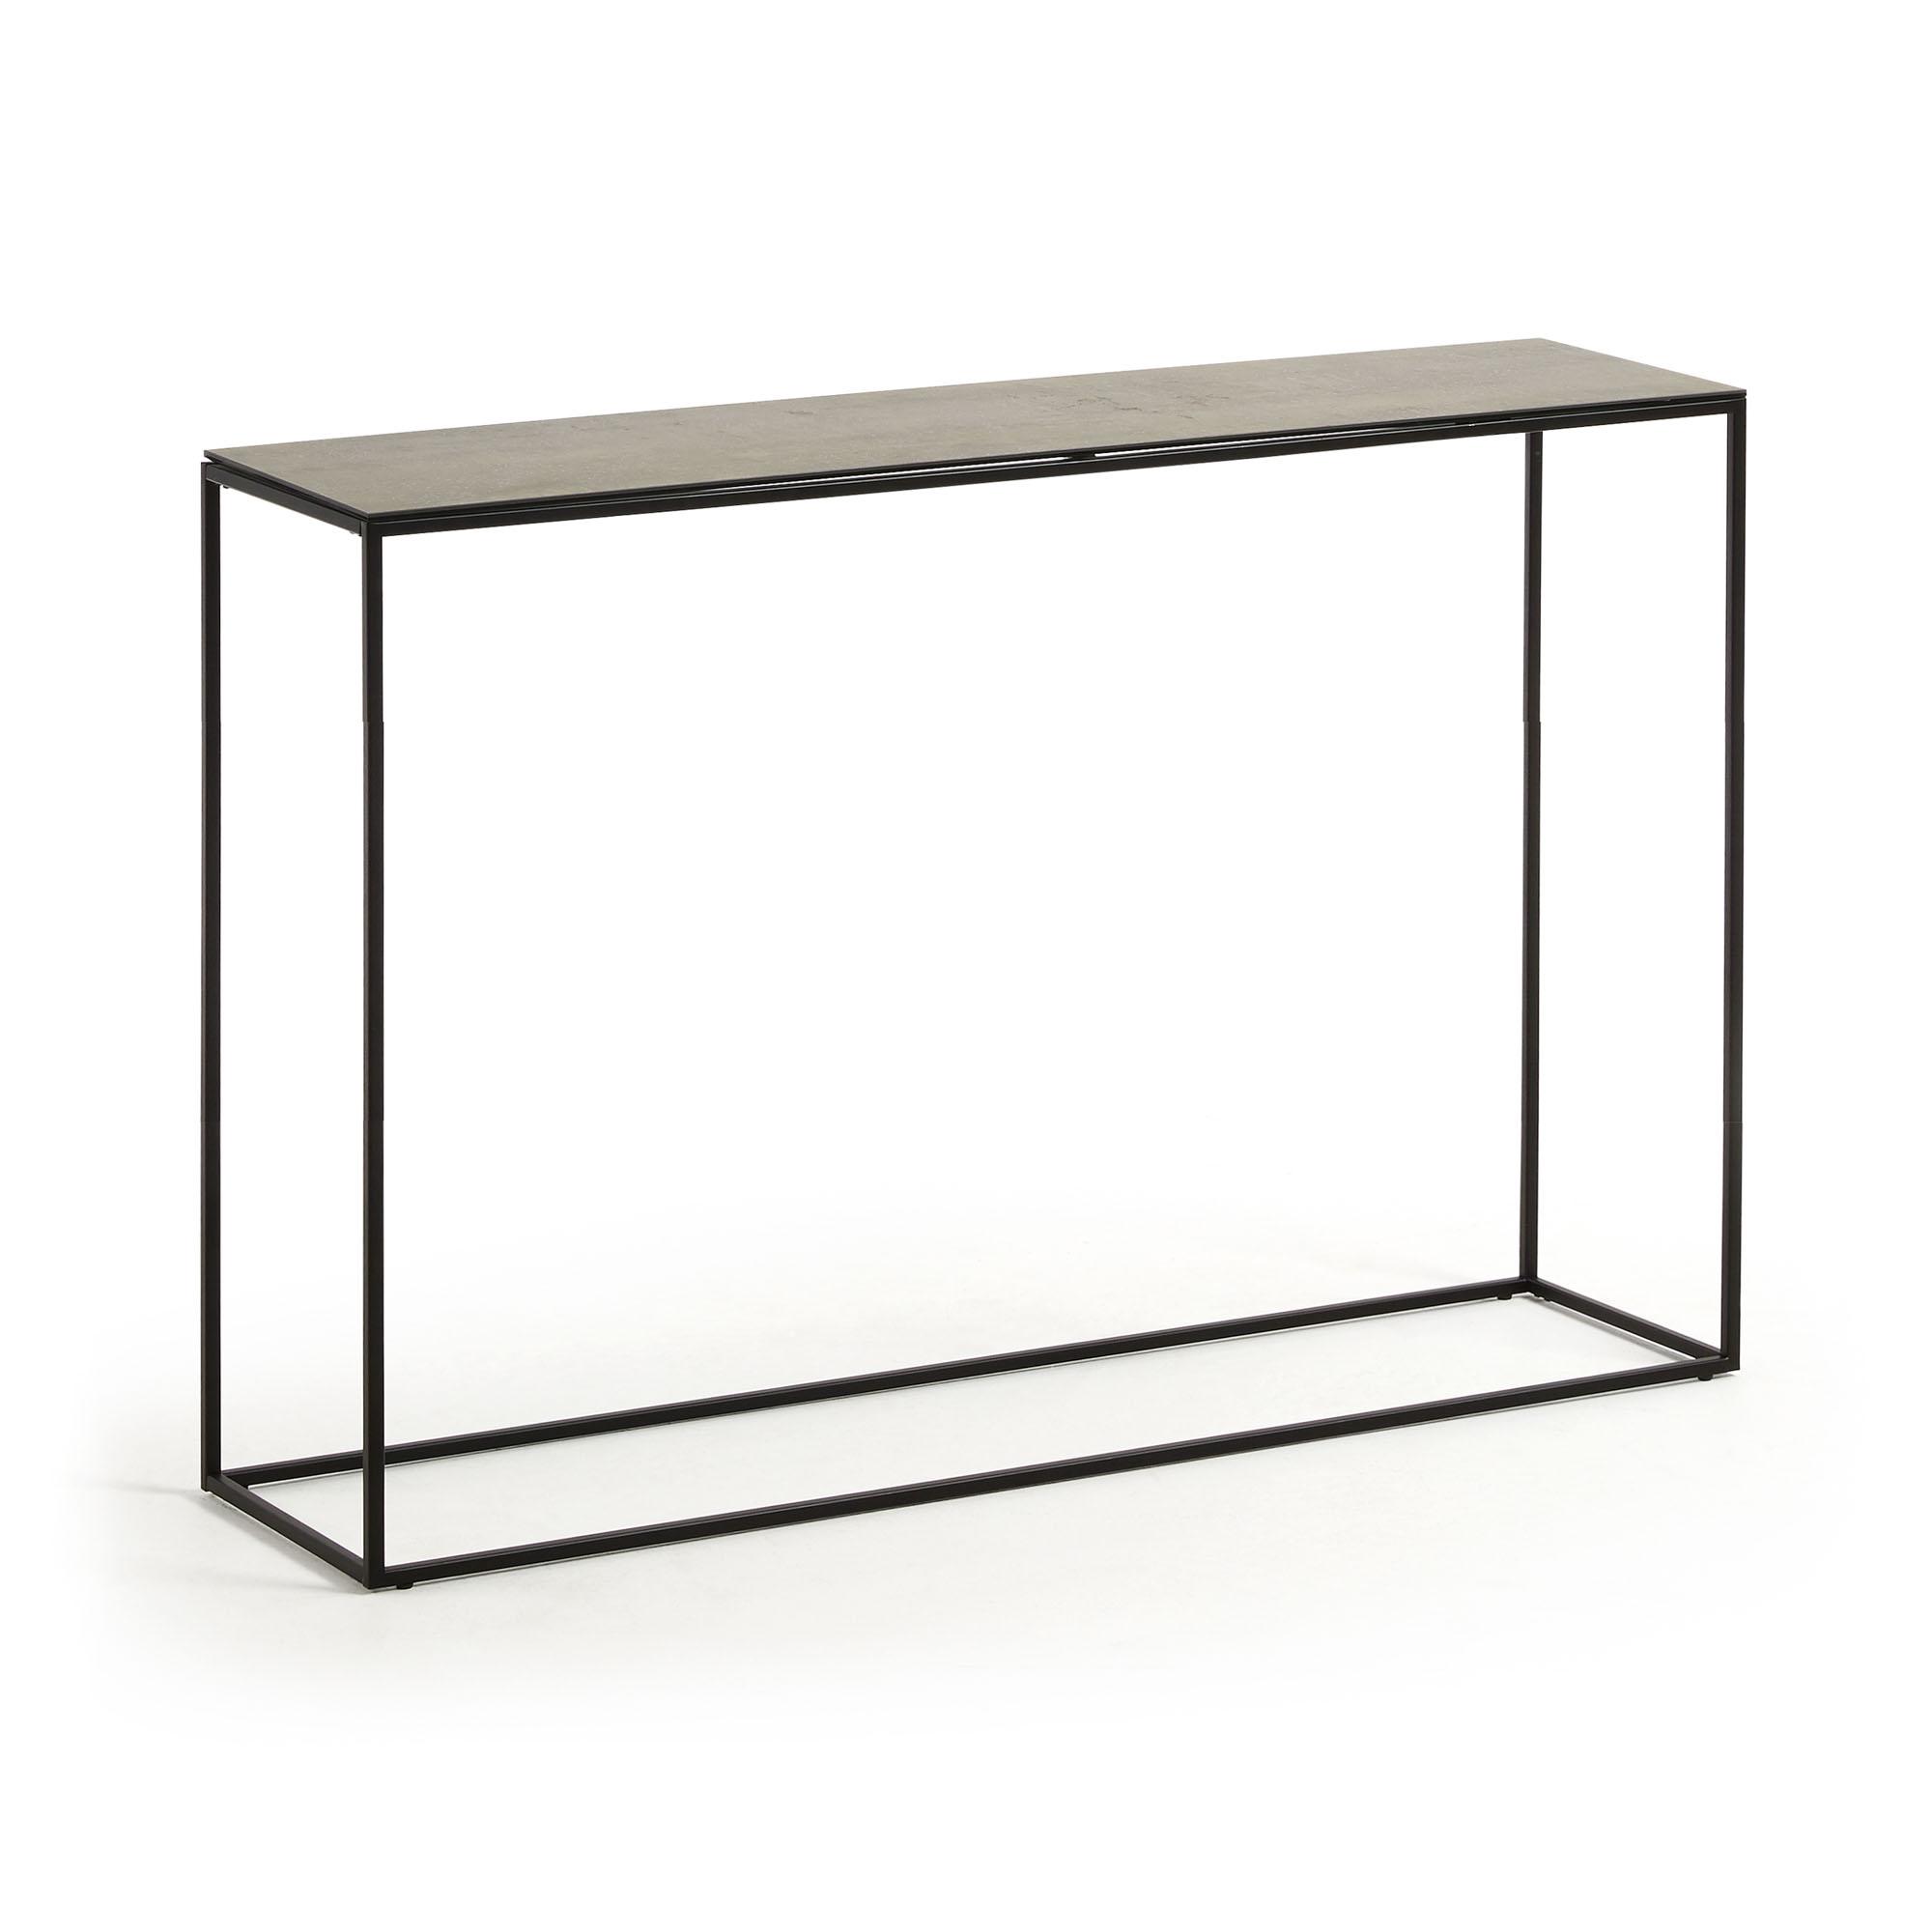 Kave Home - Rewena Konsolentisch 110 x 75 cm | Wohnzimmer > Tische > Konsolentische | Kave Home